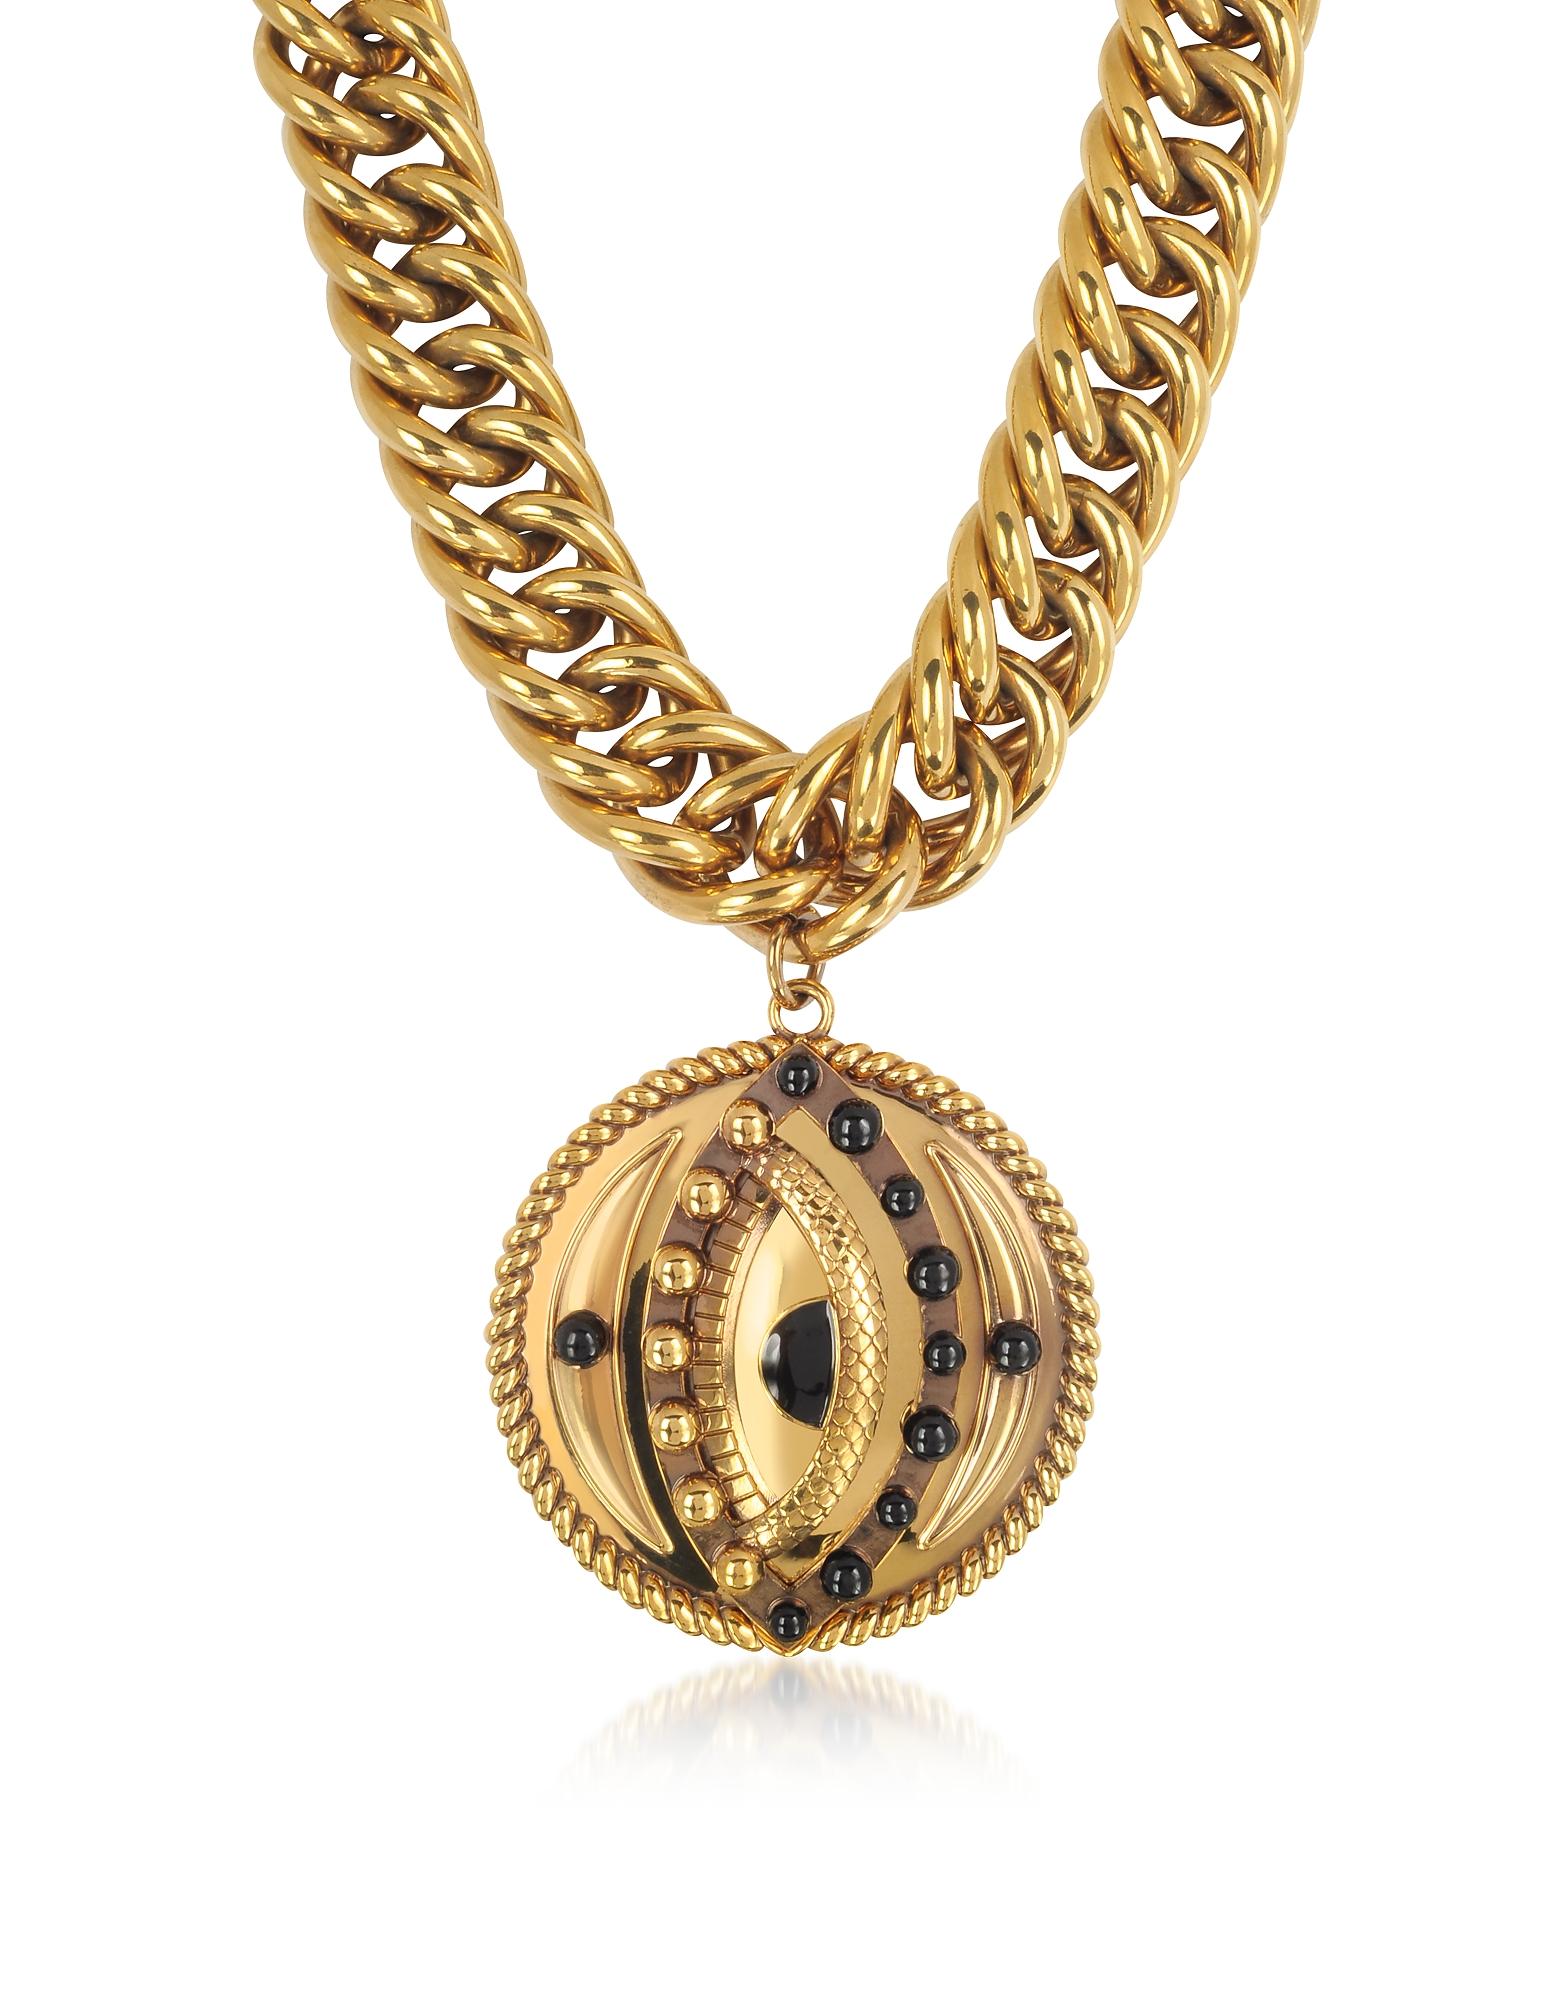 Roberto Cavalli Necklaces, Antique Goldtone Metal Choker w/Lucky Eye Coin Pendant